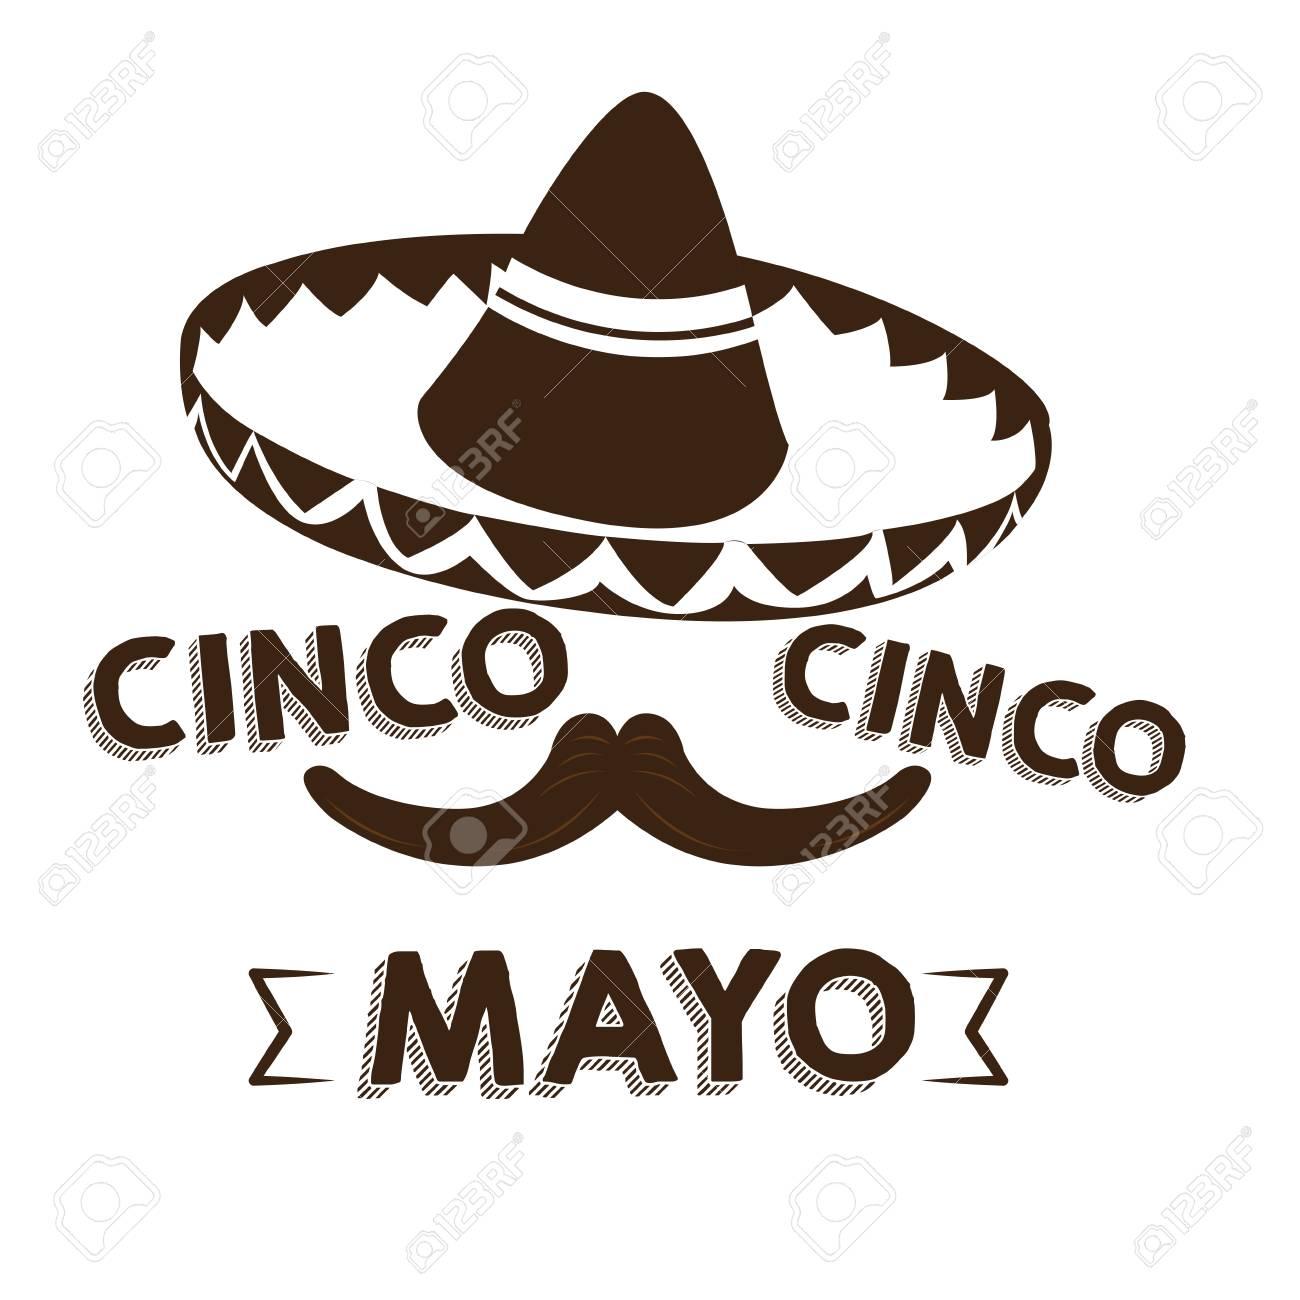 Foto de archivo - Silueta aislada de un sombrero mexicano y un bigote 06aa28f6d5f